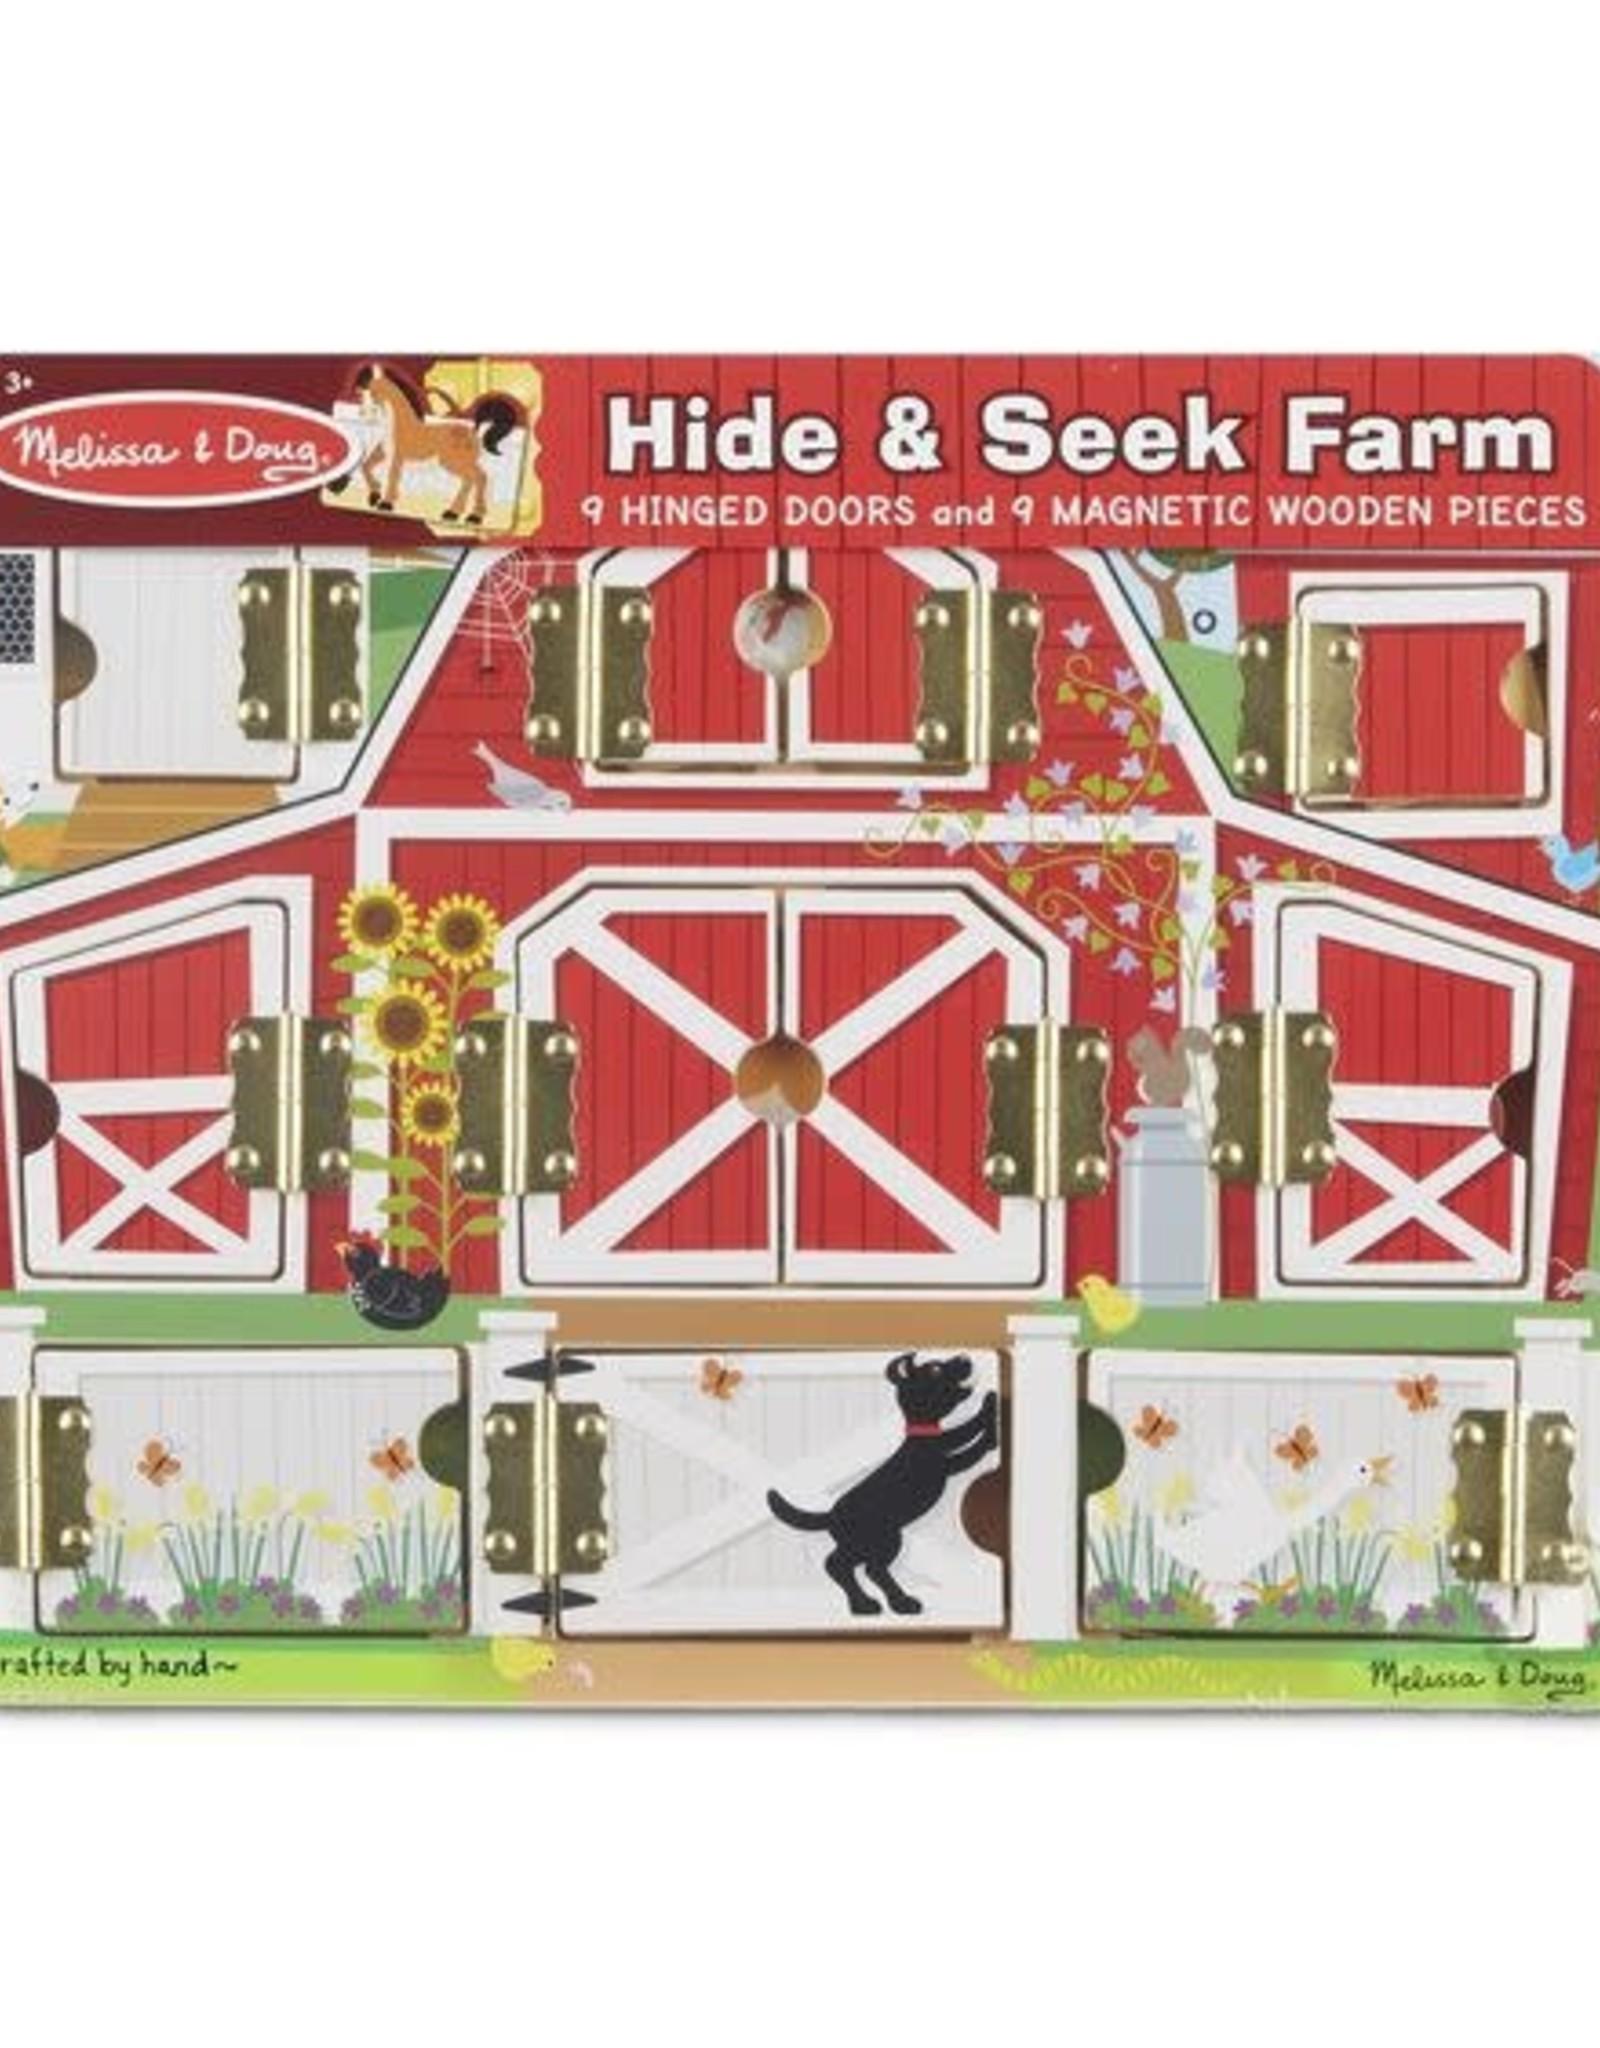 Melissa & Doug Melissa & Doug Magnetic Farm Hide & Seek Board